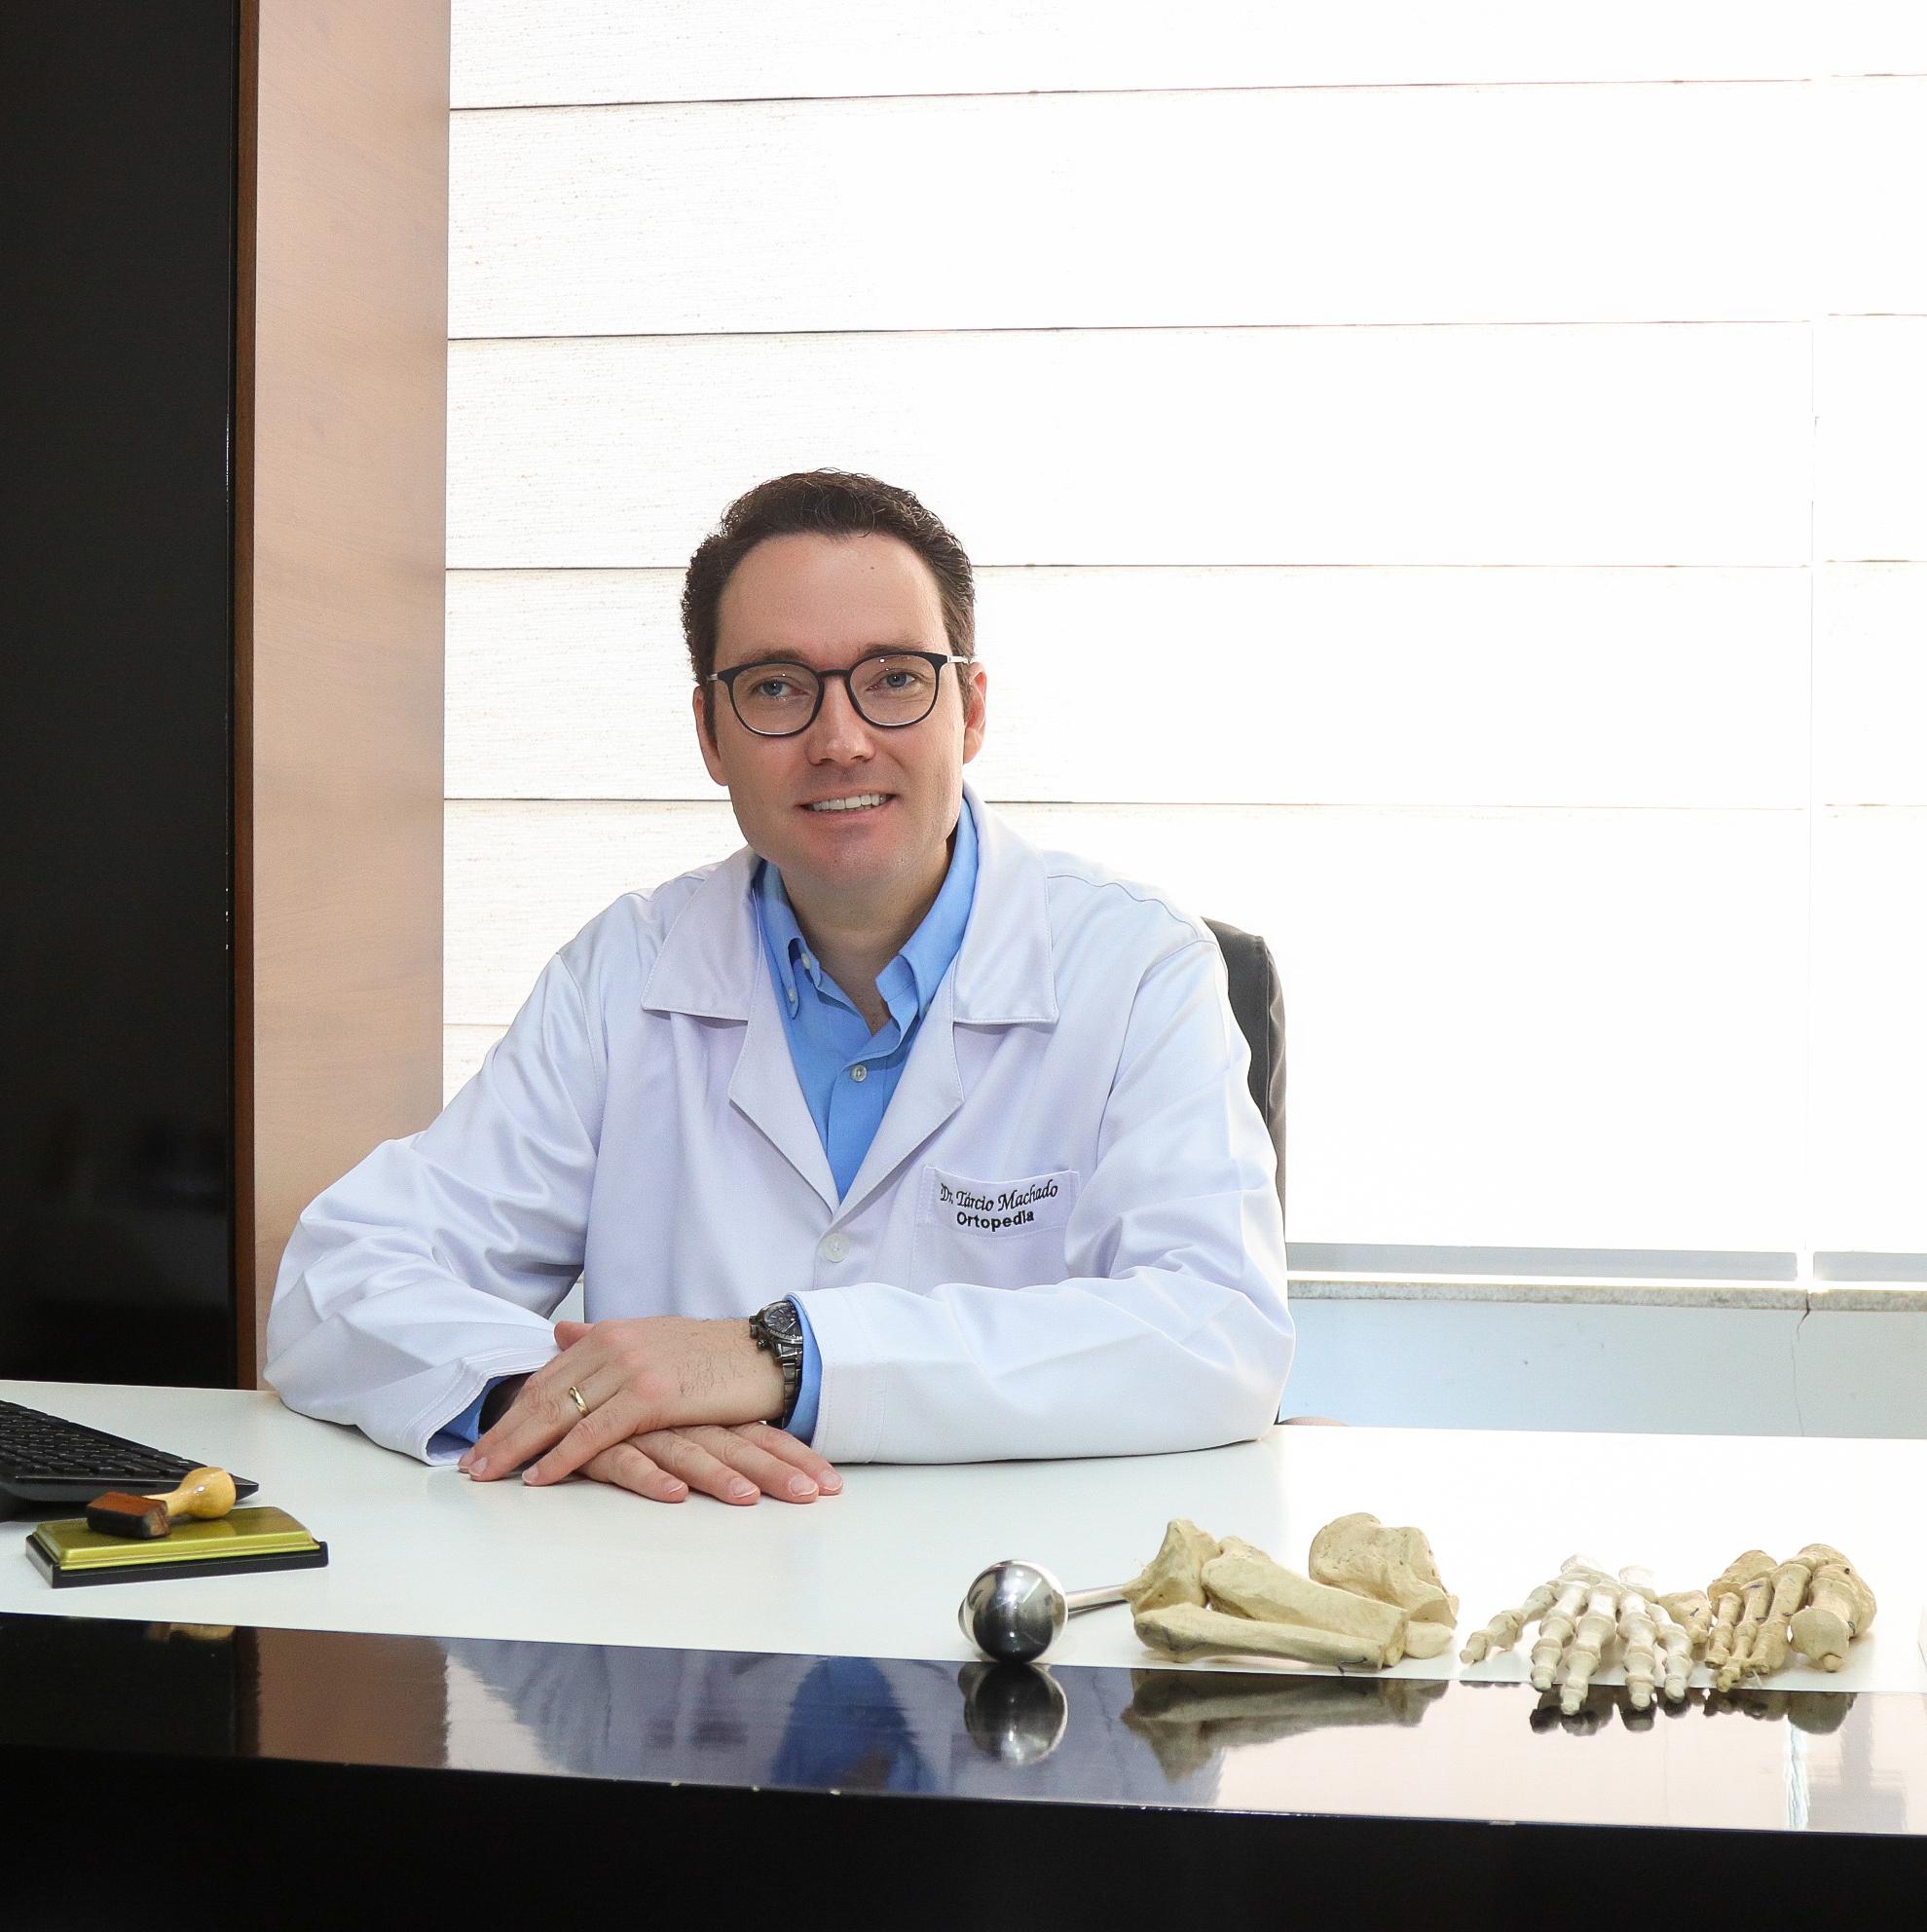 Tarcio de Almeida Santos Machado